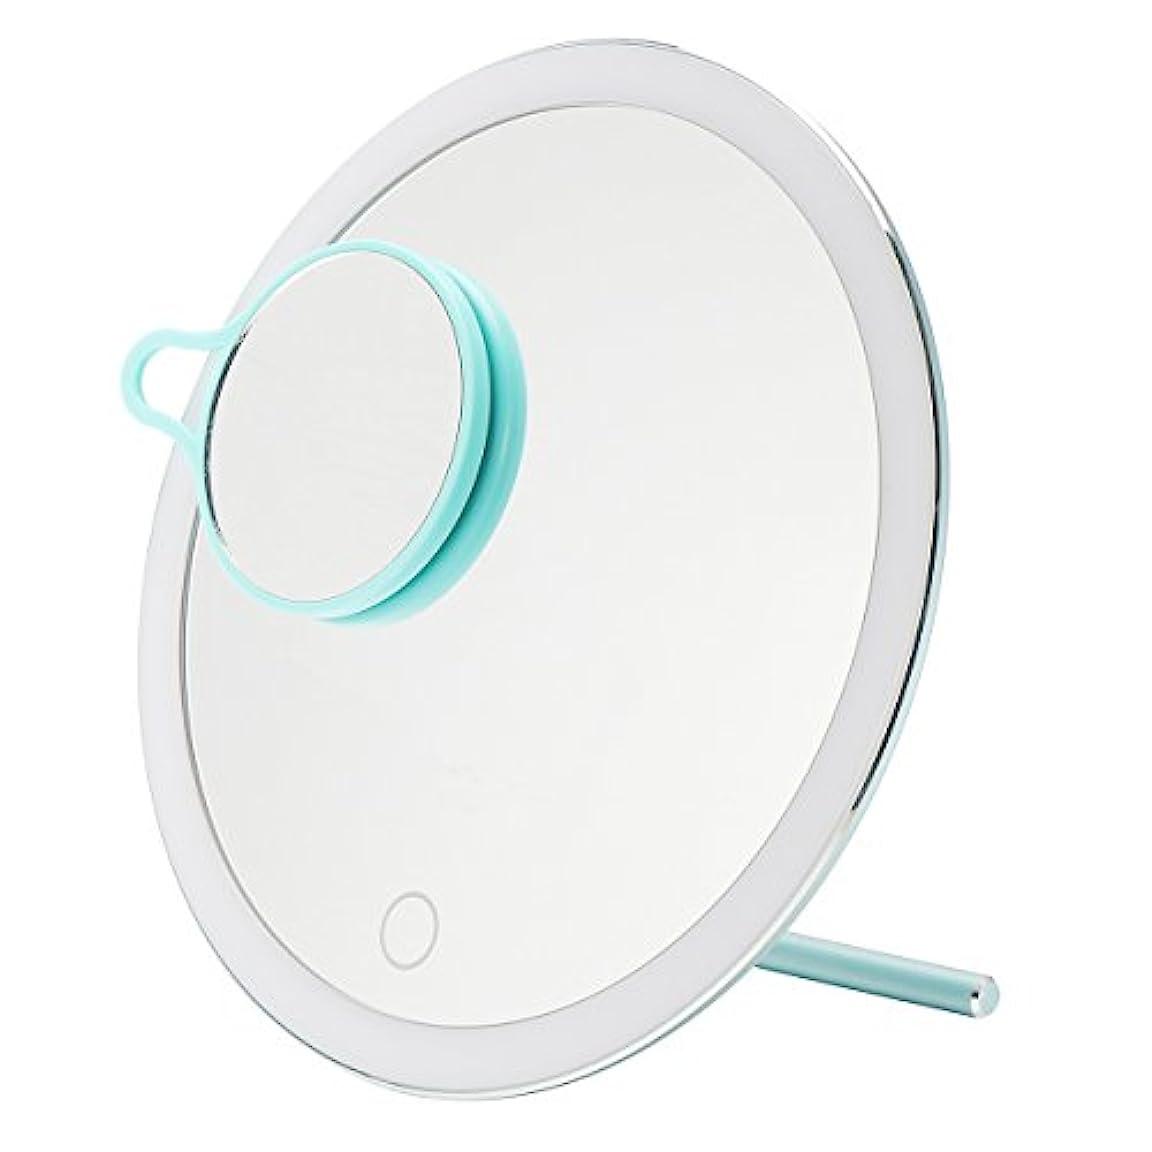 不格好プレビスサイトの間でYZUEYT USB LEDライトメイクアップミラータッチスクリーン携帯用拡大鏡バニティテーブルトップランプ化粧ミラーメイクアップツール YZUEYT (Color : Color Blue)